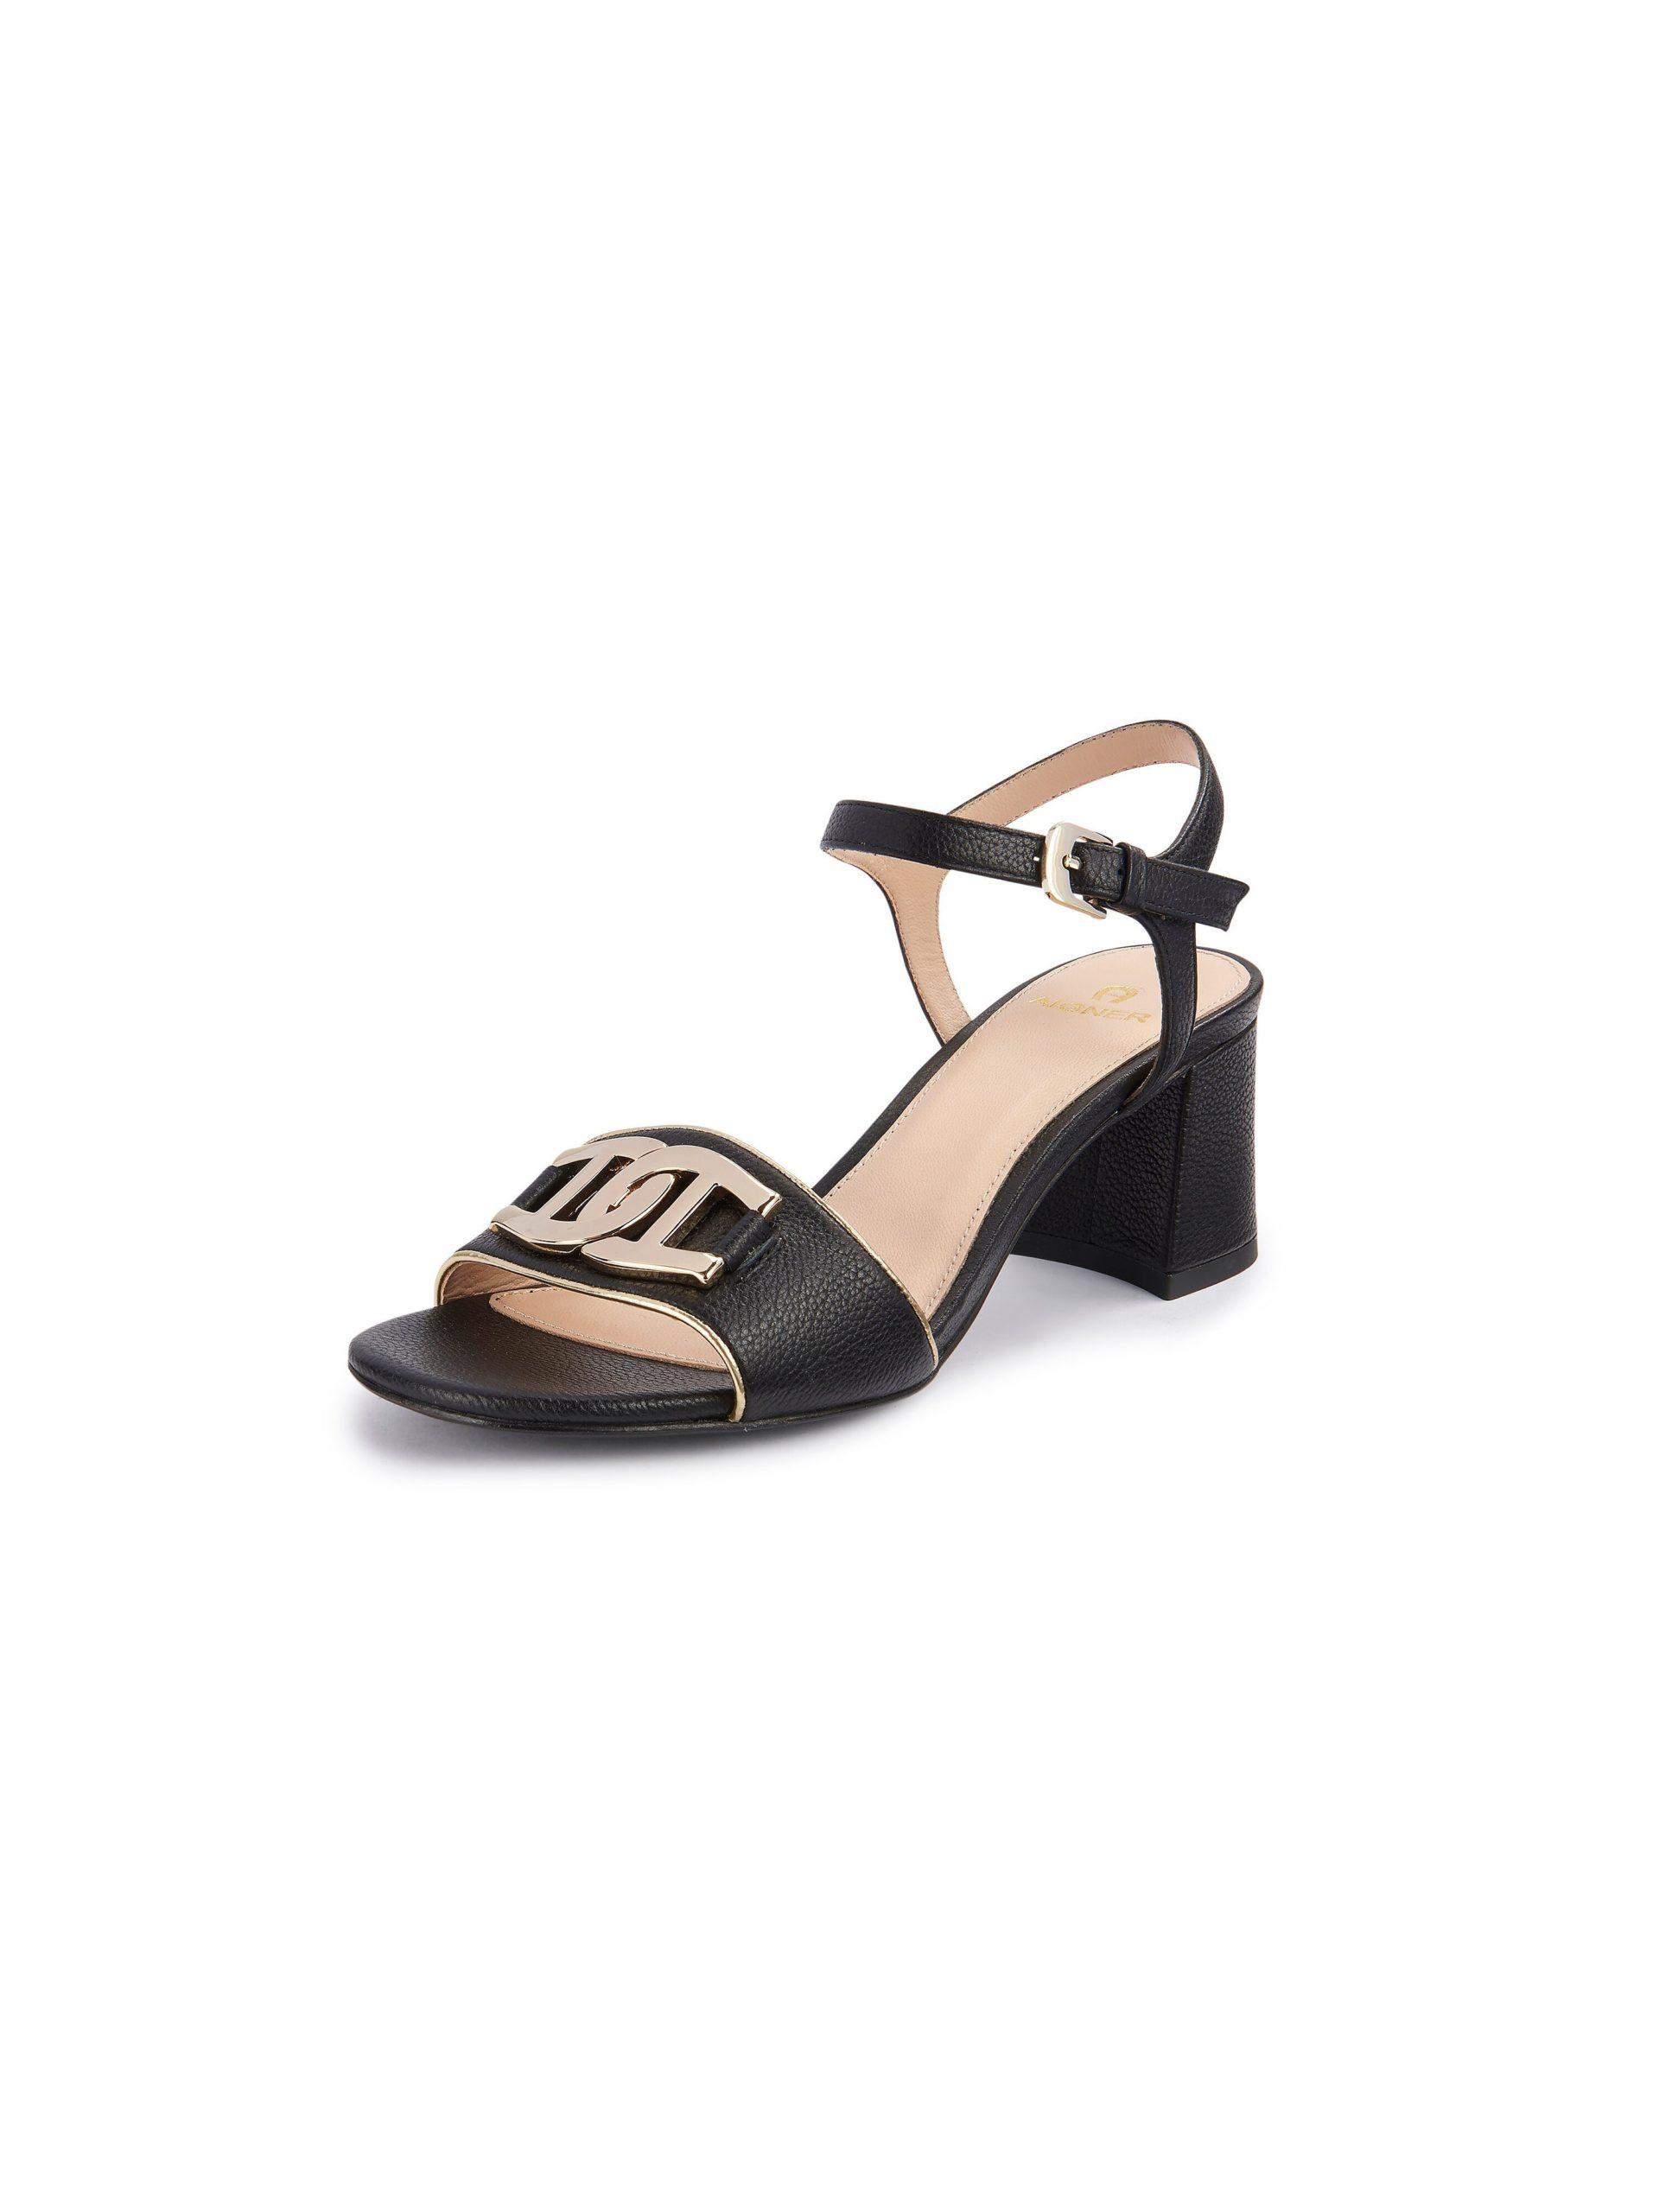 Sandalen model Grazia Van Aigner zwart Kopen